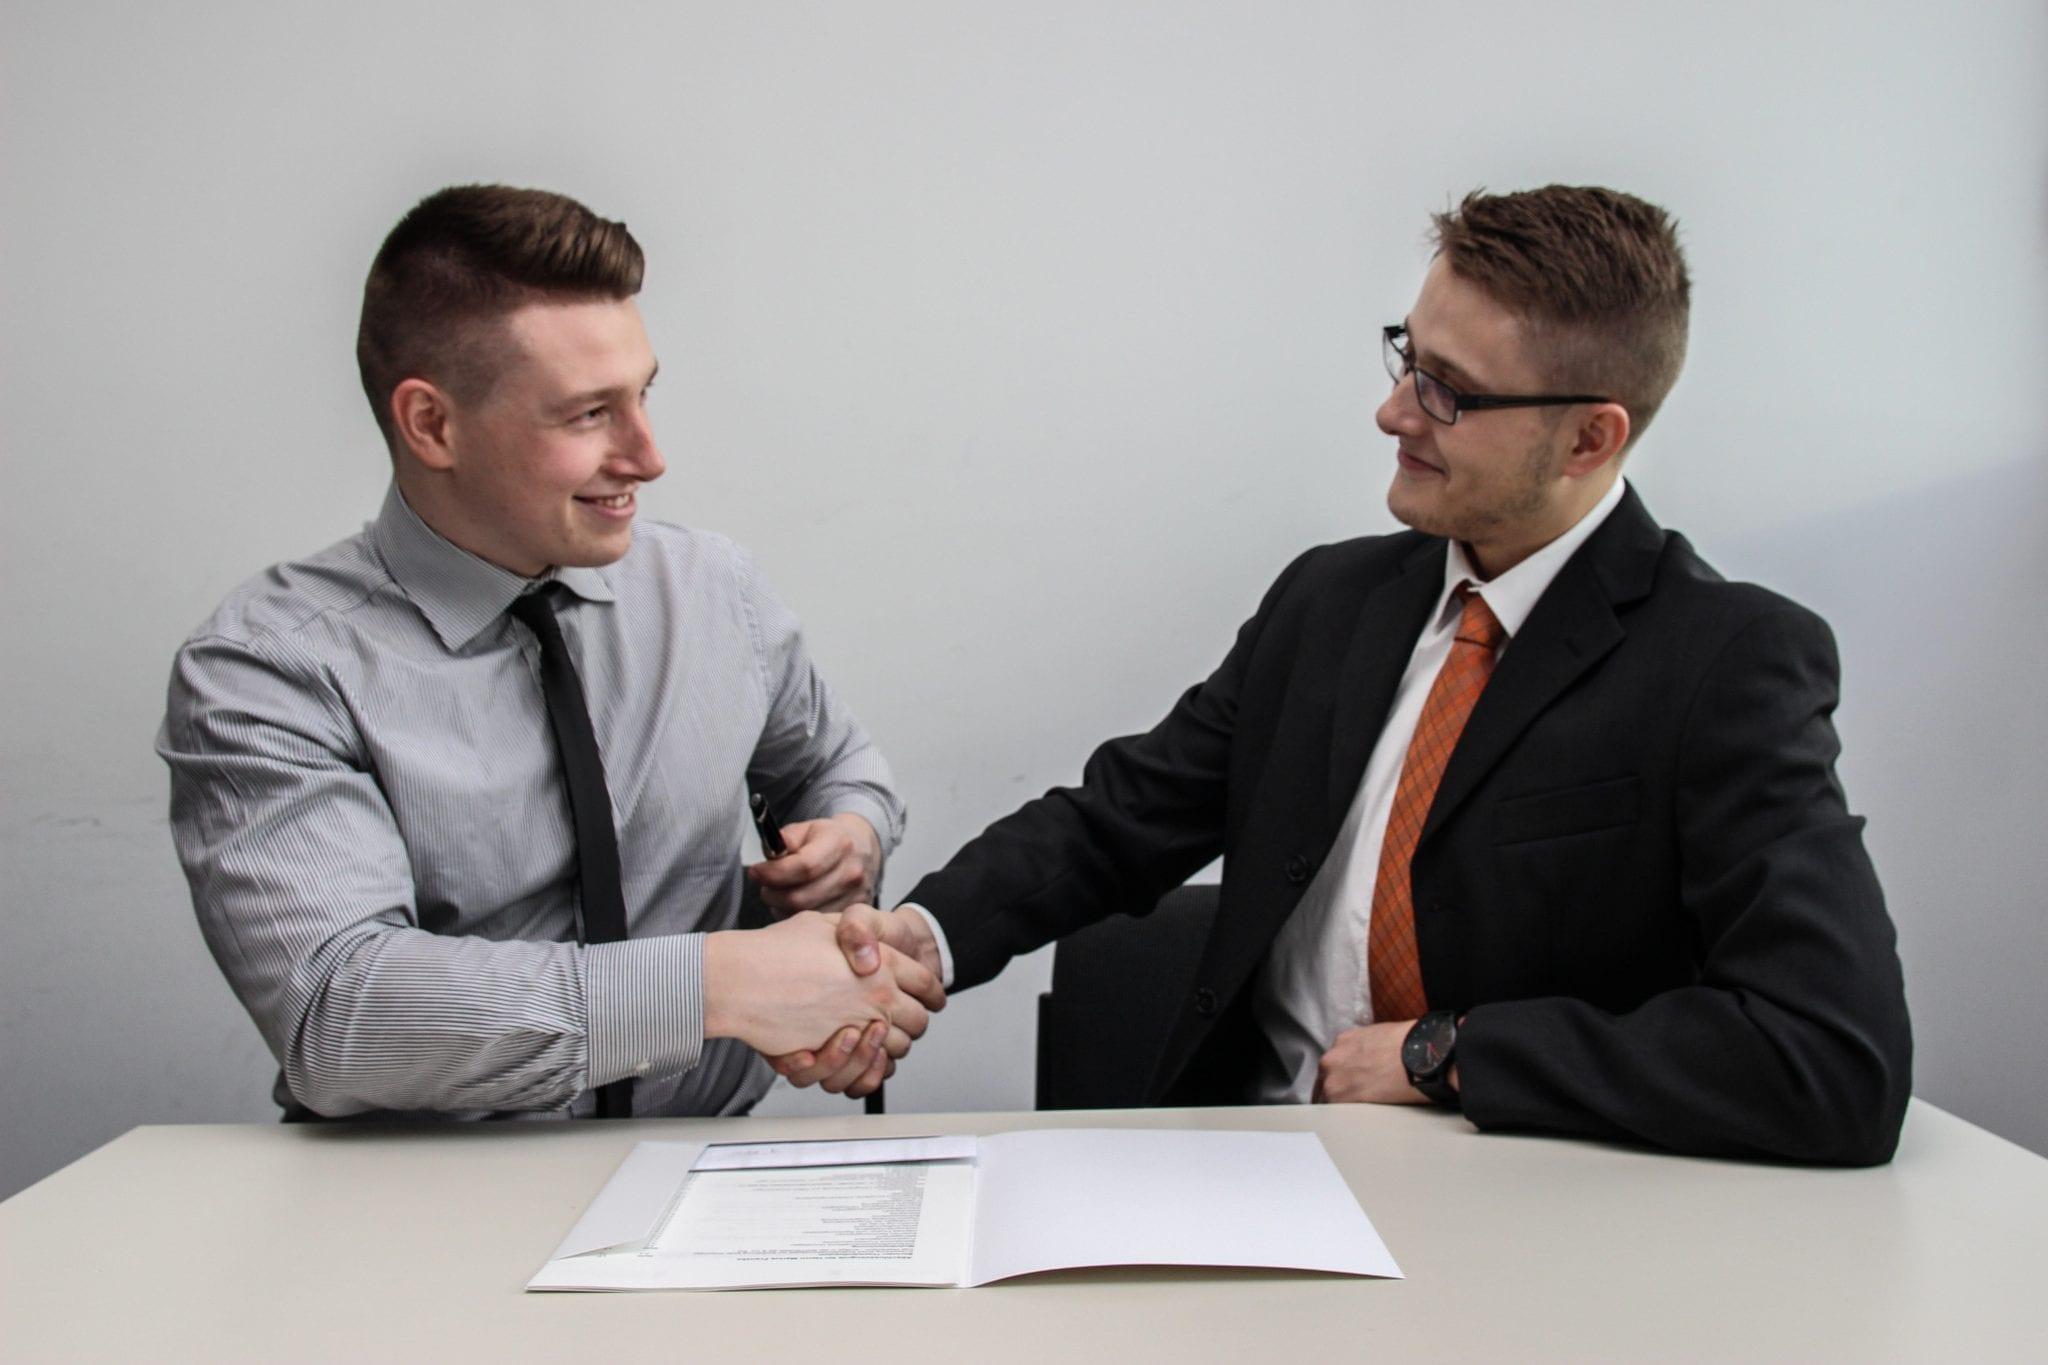 Vente d'un bien : faire appel à un agent immobilier ou un négociateur immobilier ?